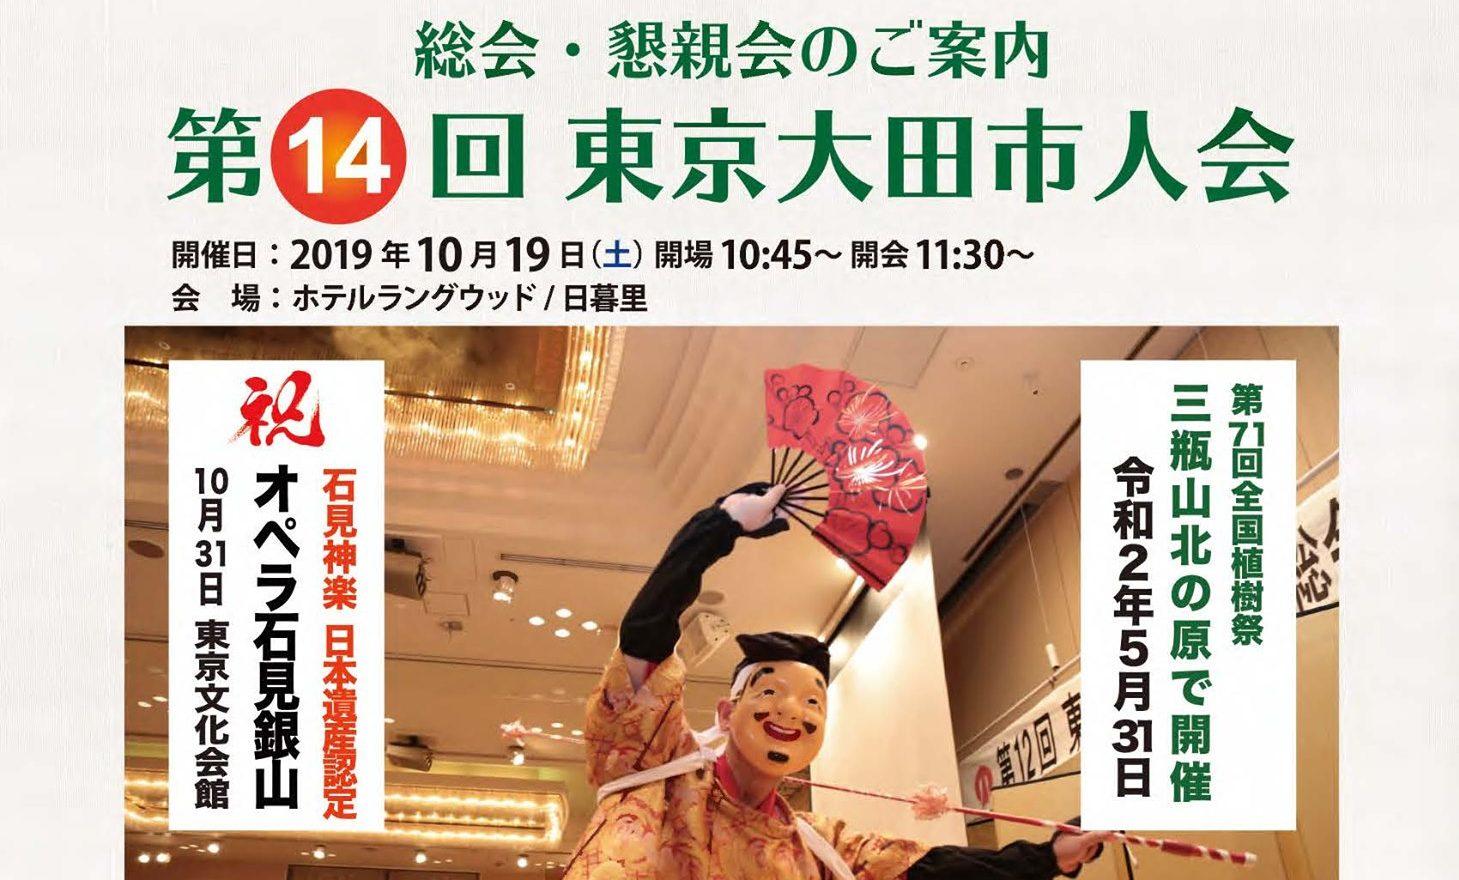 第14回東京大田市人会 総会・懇親会のご案内